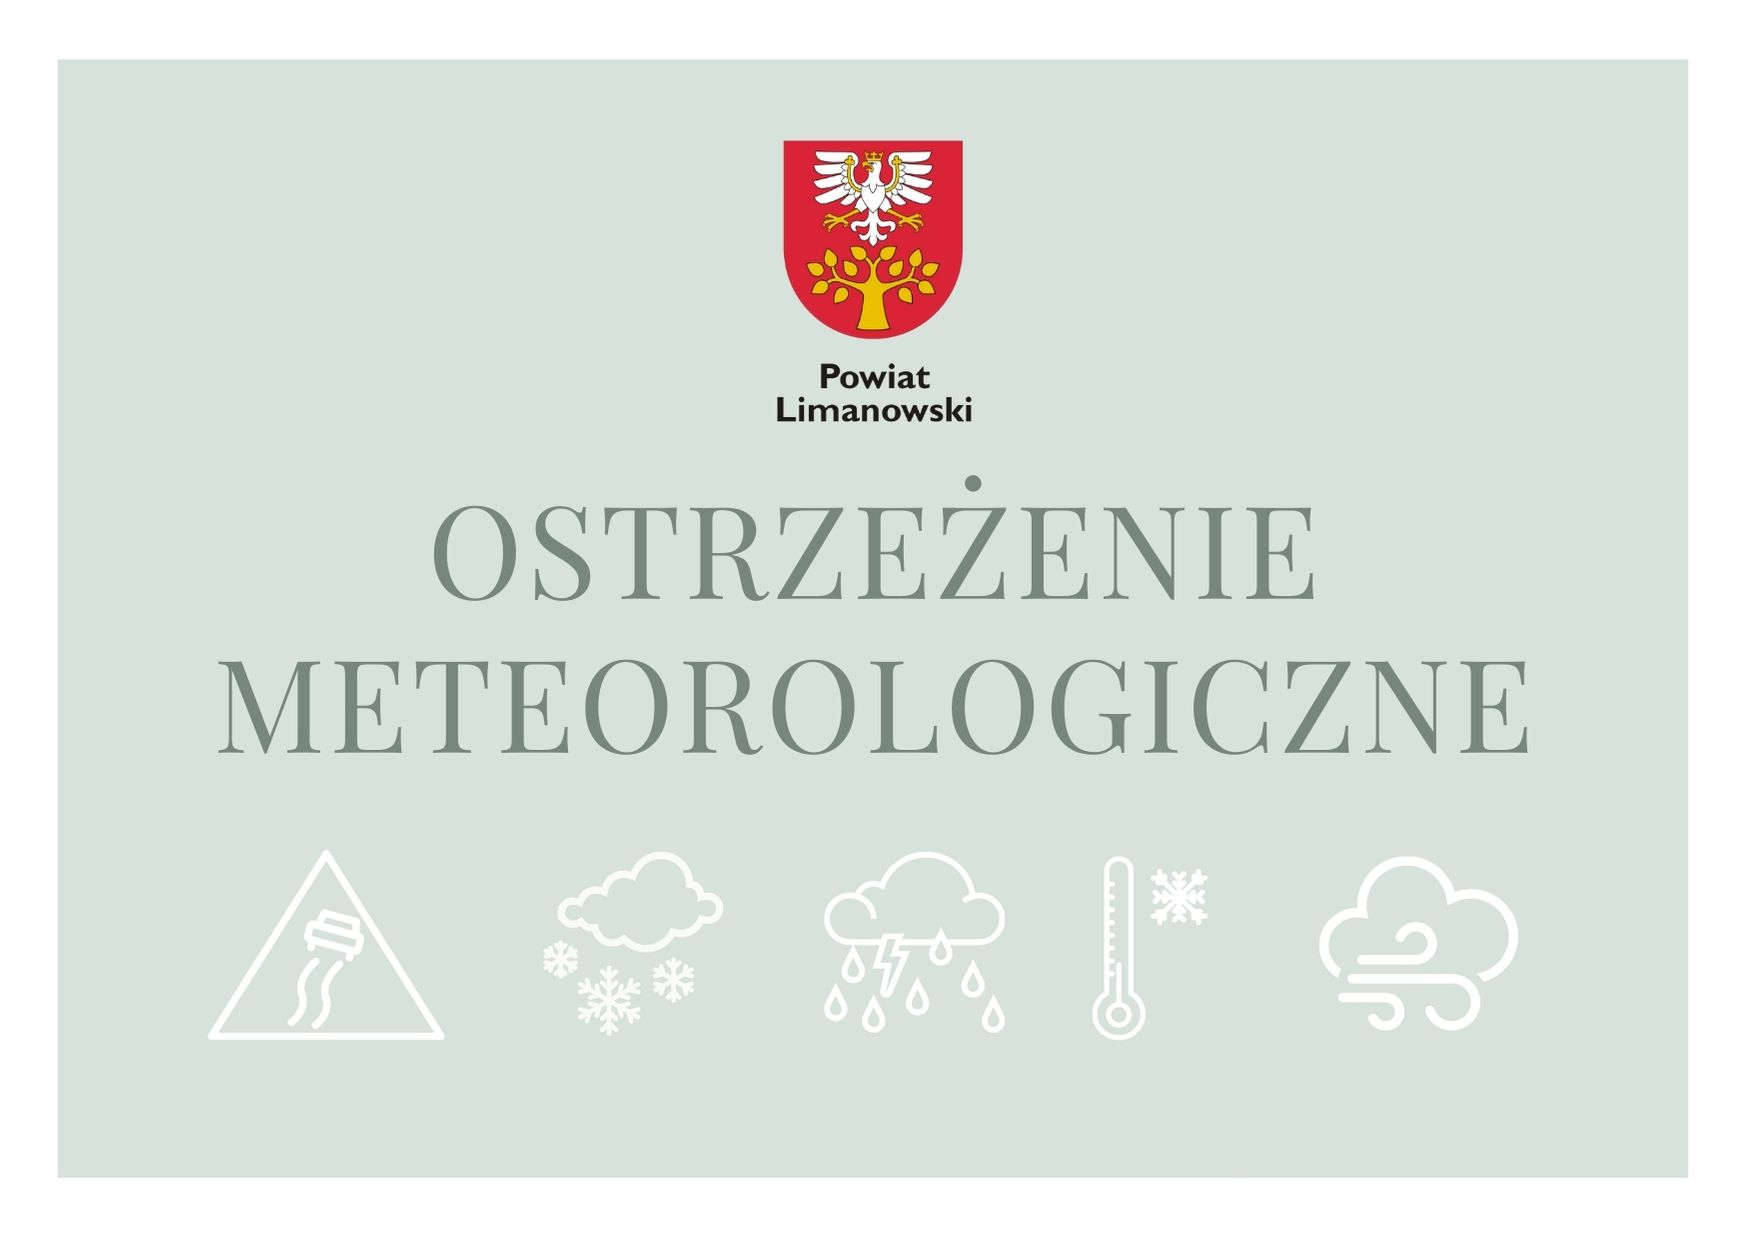 Plakat. Napis ostrzeżenie meteoroligiczne. Herb powiatu limanowksiego. Ikony pogodowe- wiatr, mróz,ślisko, deszcz, śnieg.